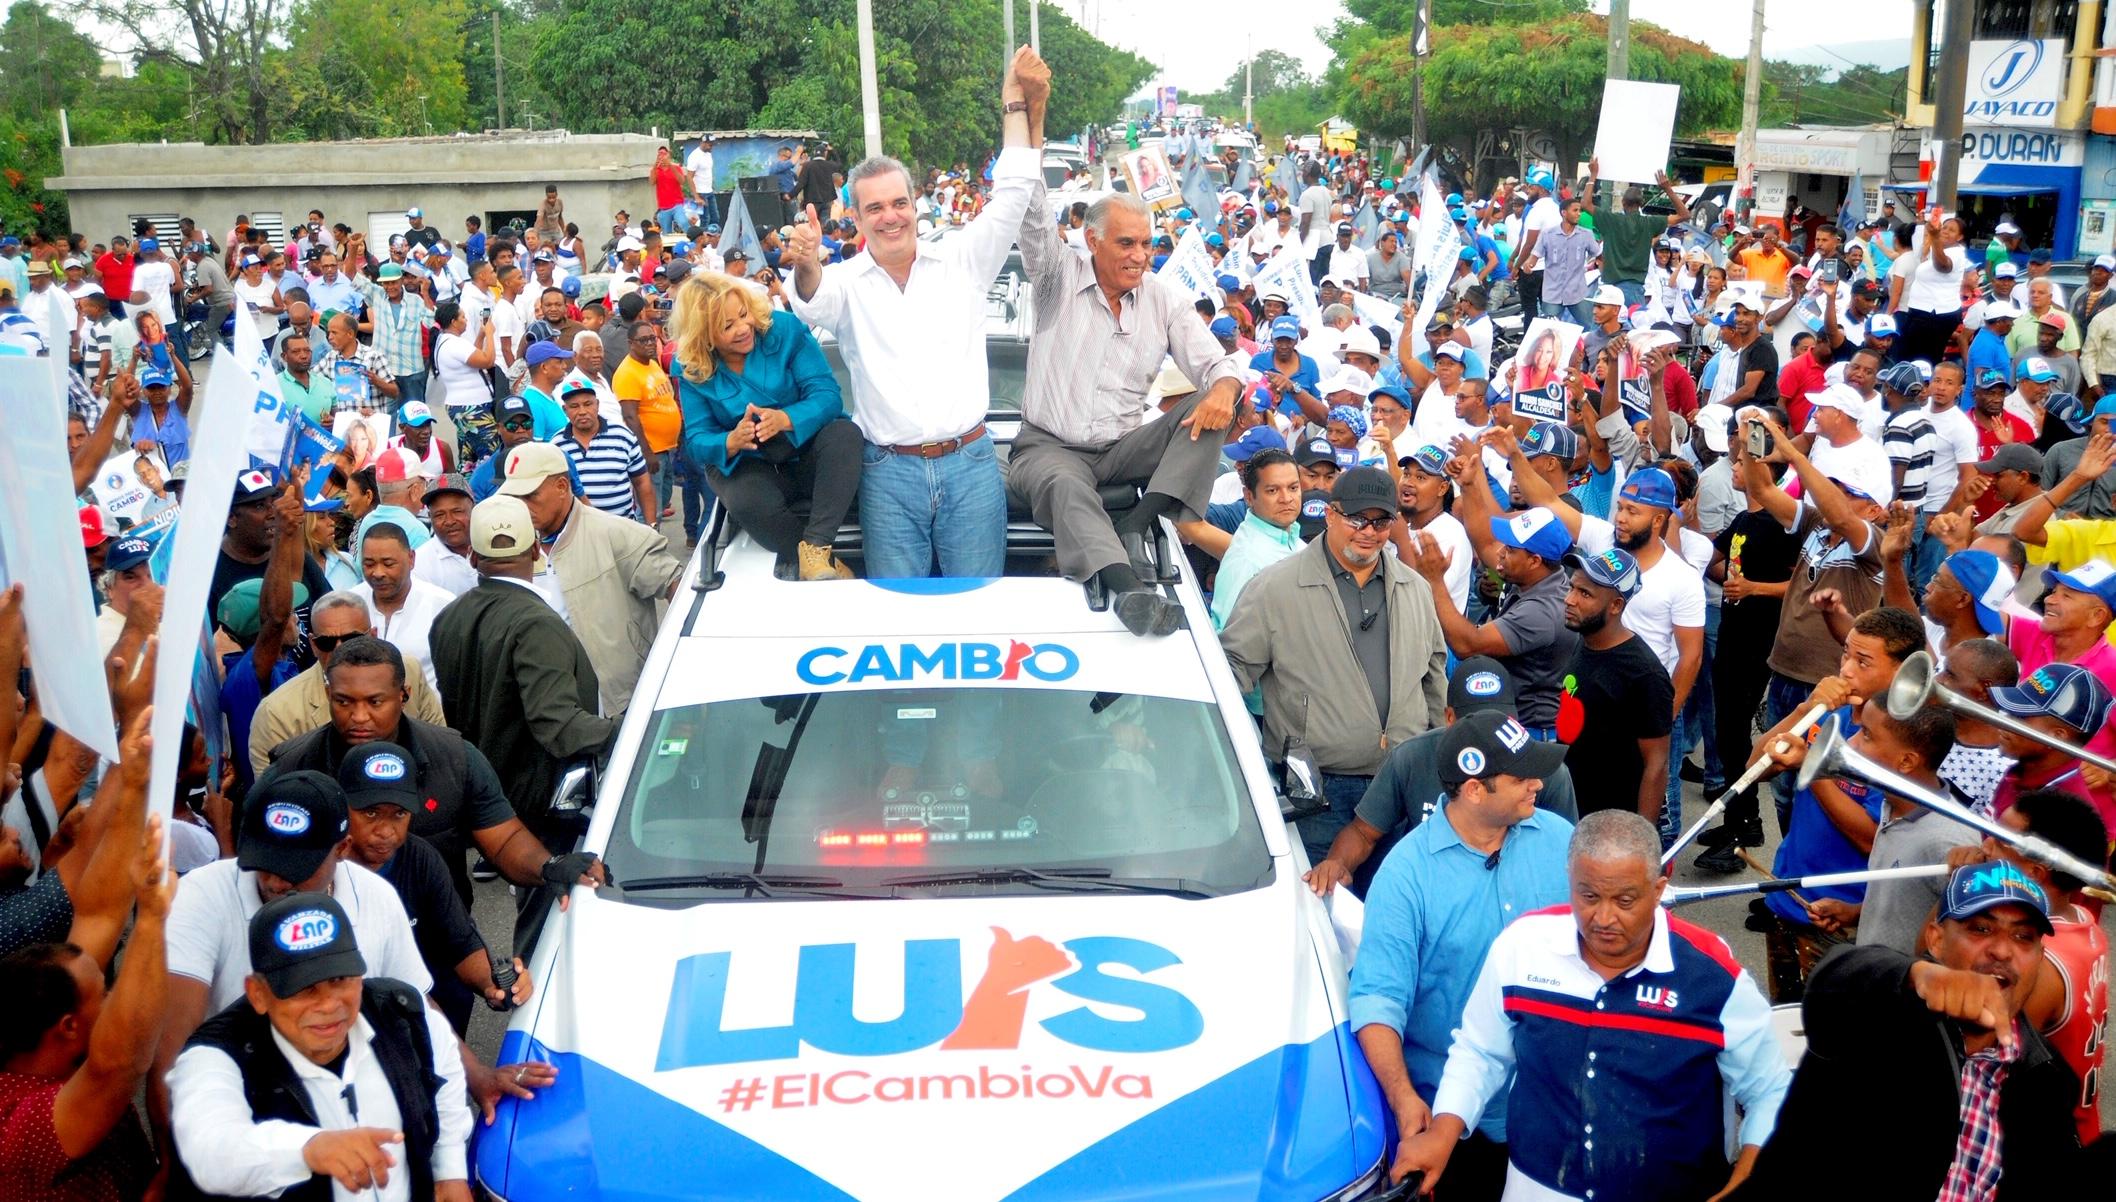 Abinader encabeza multitudinaria caravana en SJM junto a Manuel Matos de Alianza País y Hanoi Sánchez de Fuerza del Pueblo